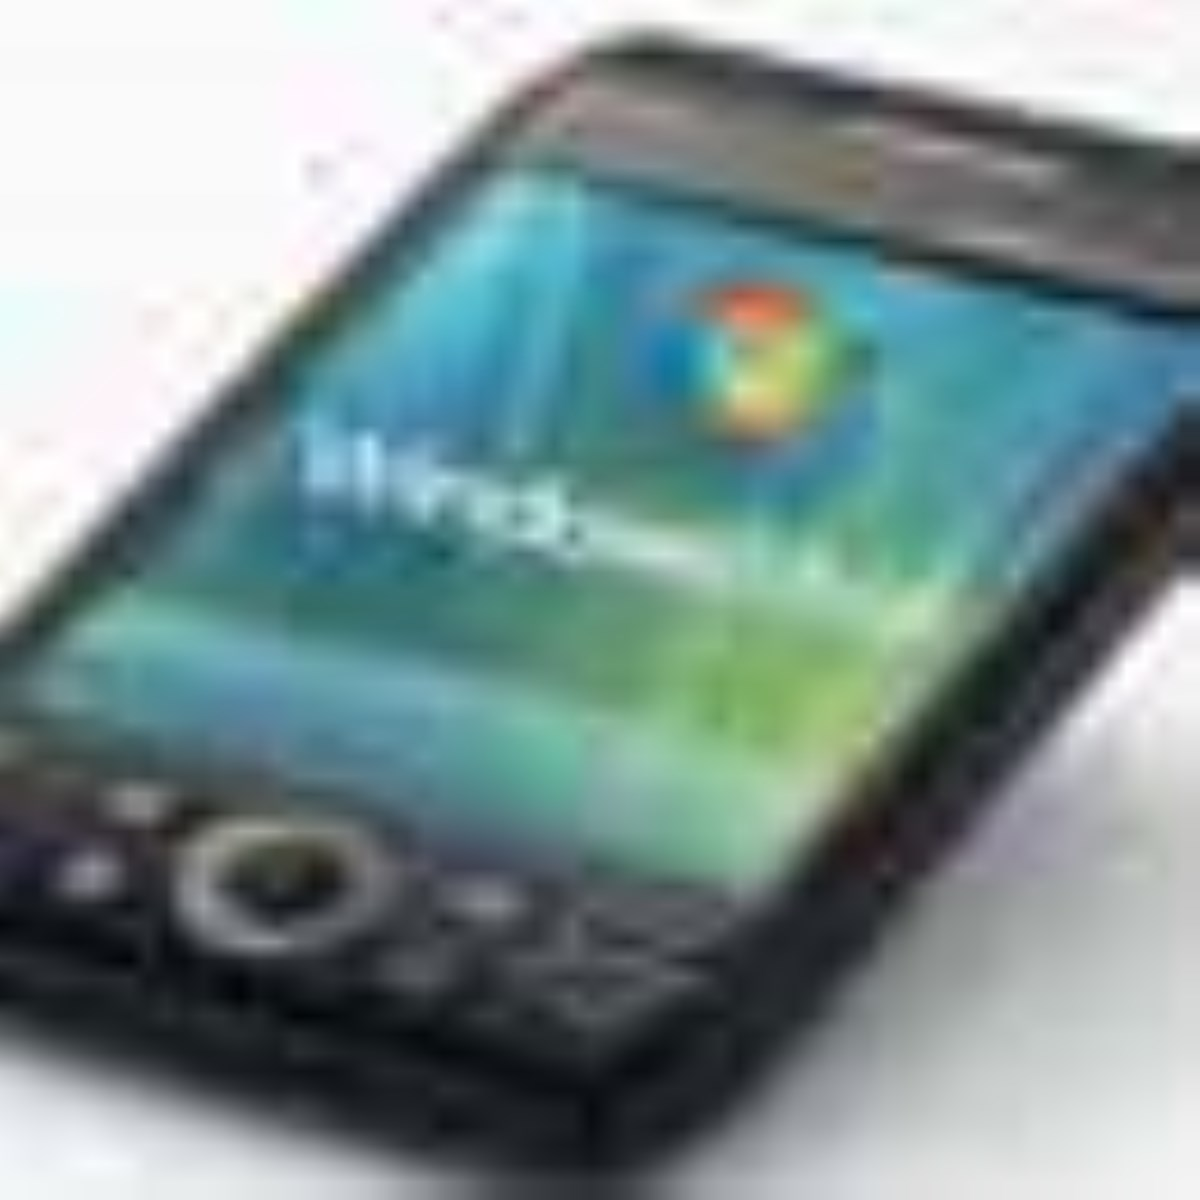 گوشی تلفن همراه دارای ویندوز ویستا ساخته شد